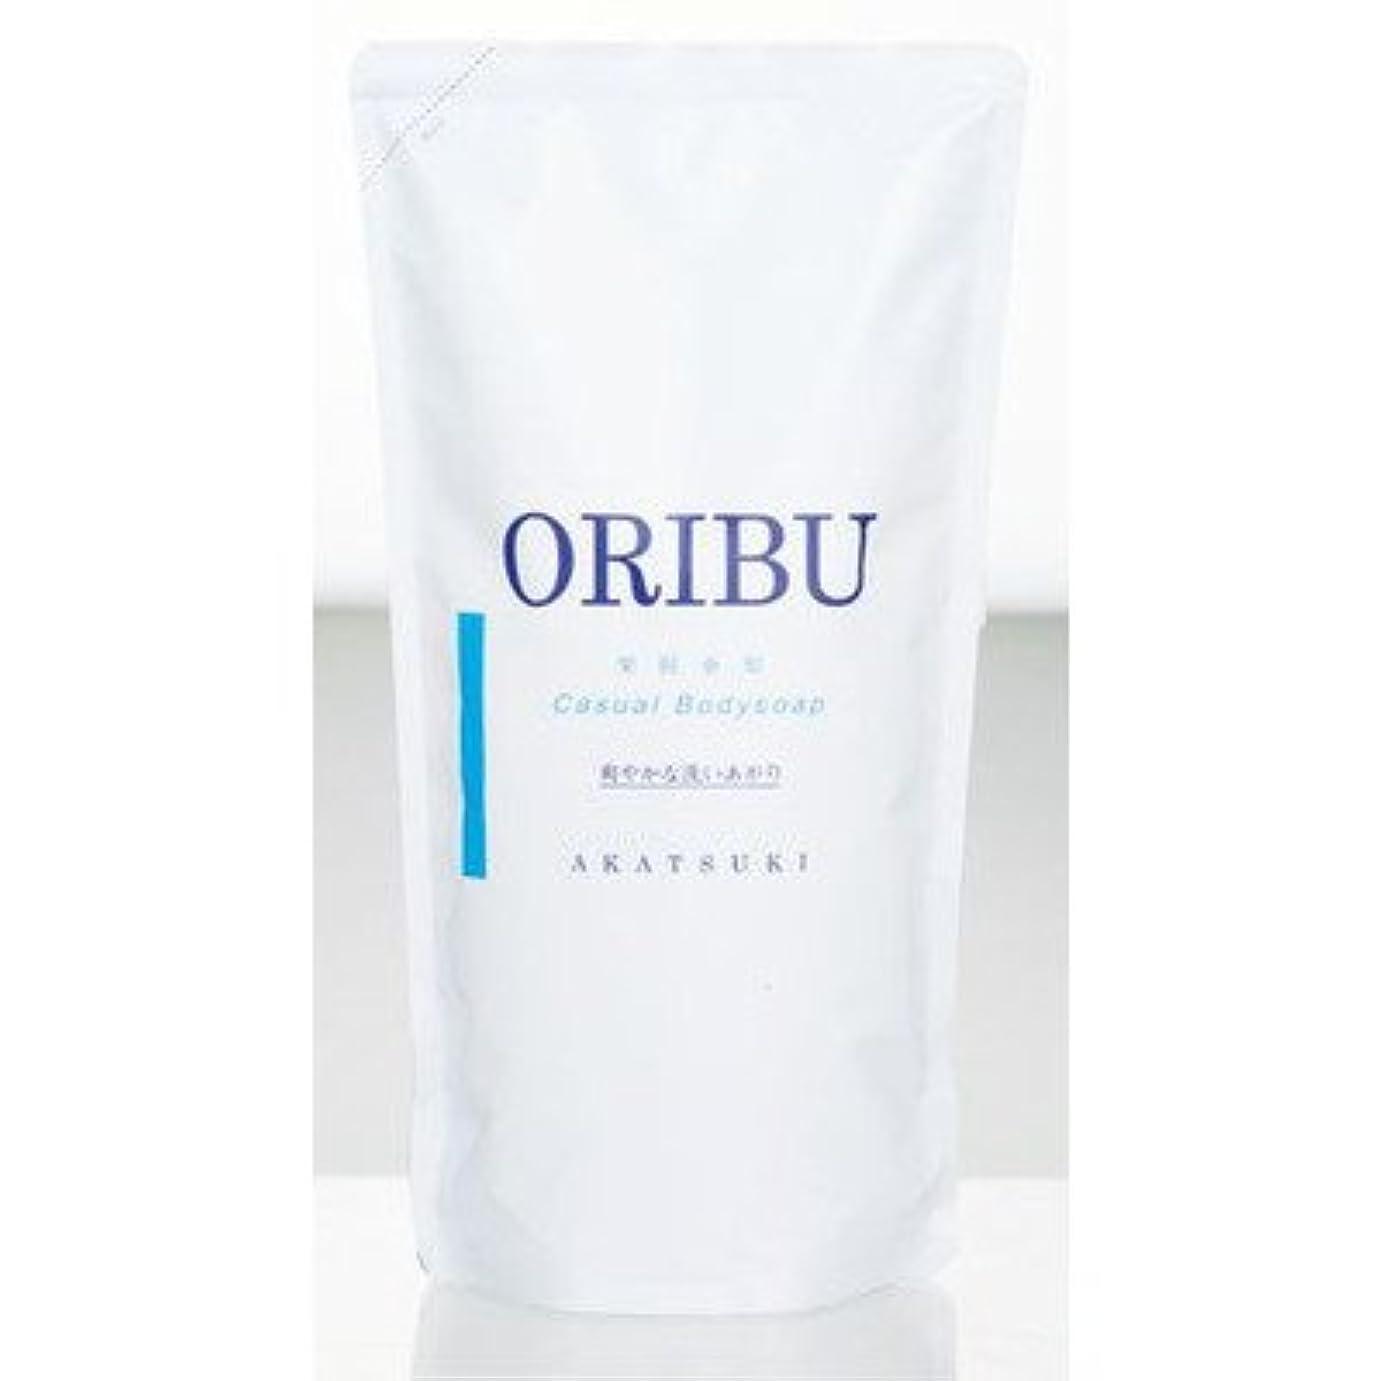 浴スカープ回転する暁石鹸 ORIBU オリブ 果樹亜瑠 カジュアル ボディソープ 詰替用 700ml